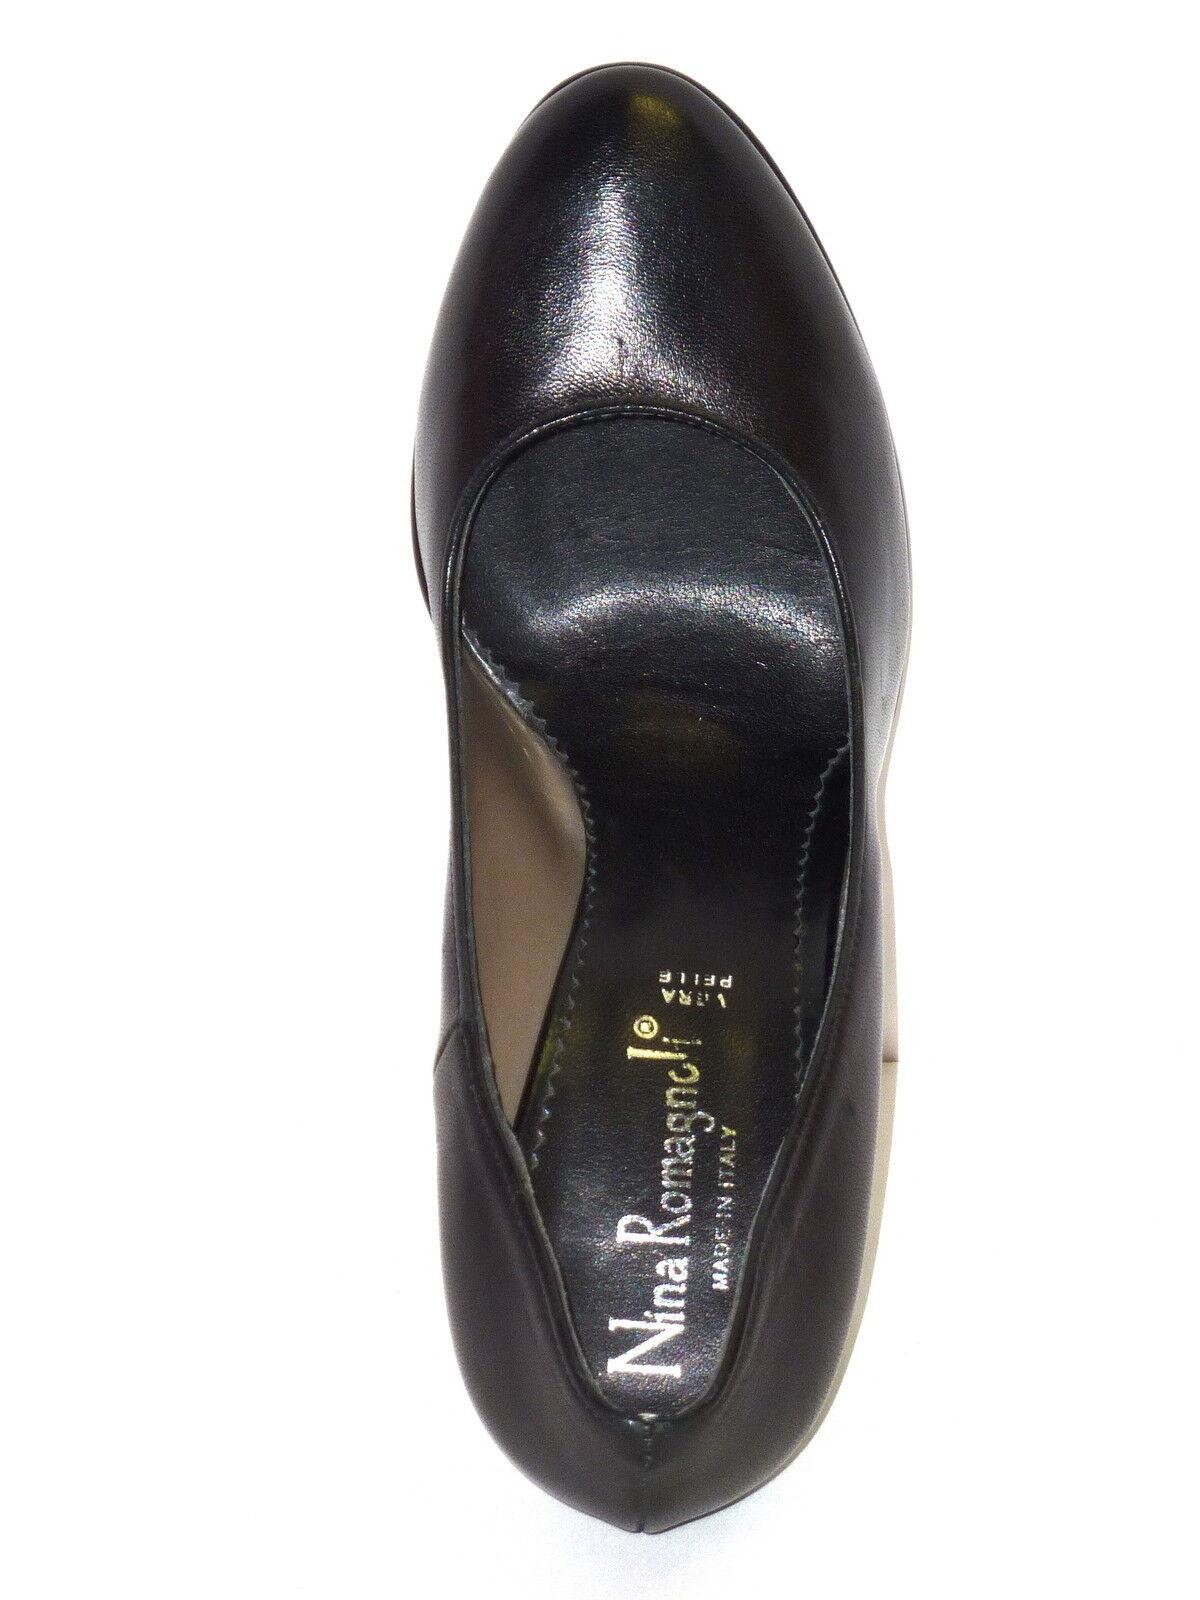 Schuhe Damens PELLE NAPPA DECOLLETE NERO DECOLLETE NAPPA PLATEAU E TACCO ALTO Molinoline n. 38 6070f2